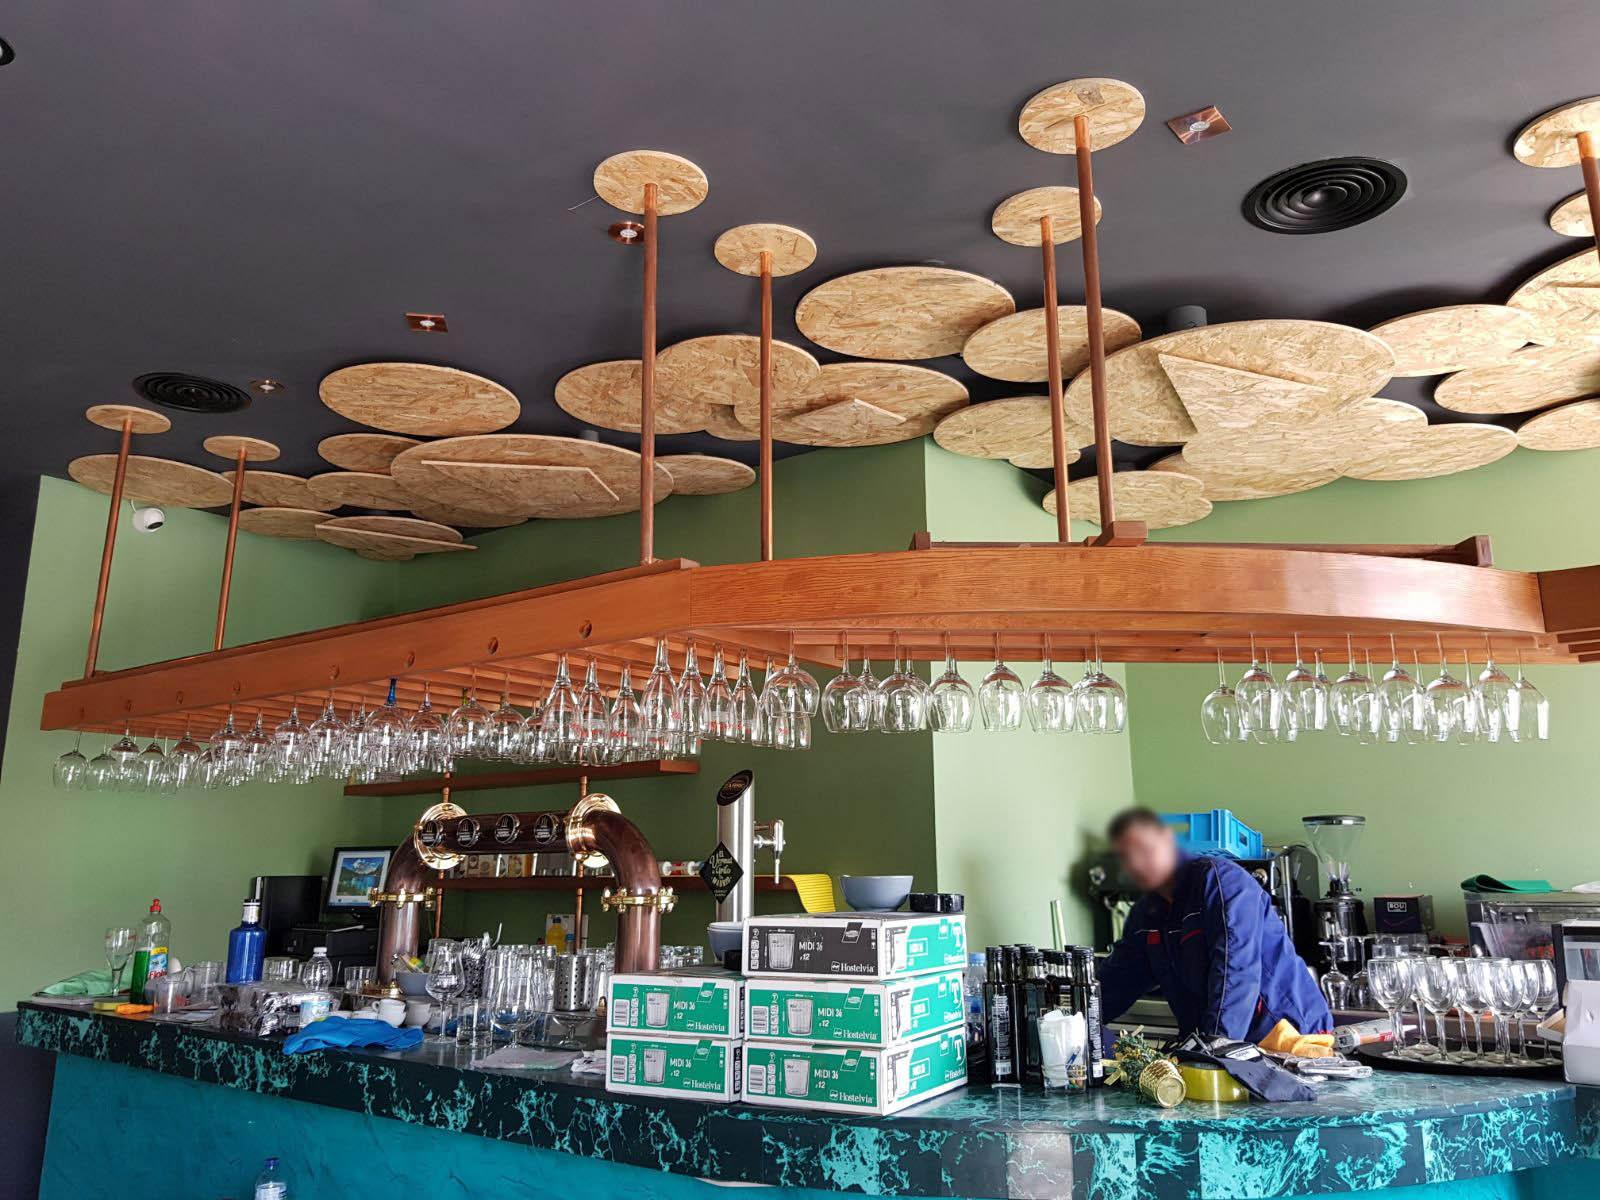 Consultor a de hosteler a y montaje del restaurante - Hoteles con cocina en madrid ...